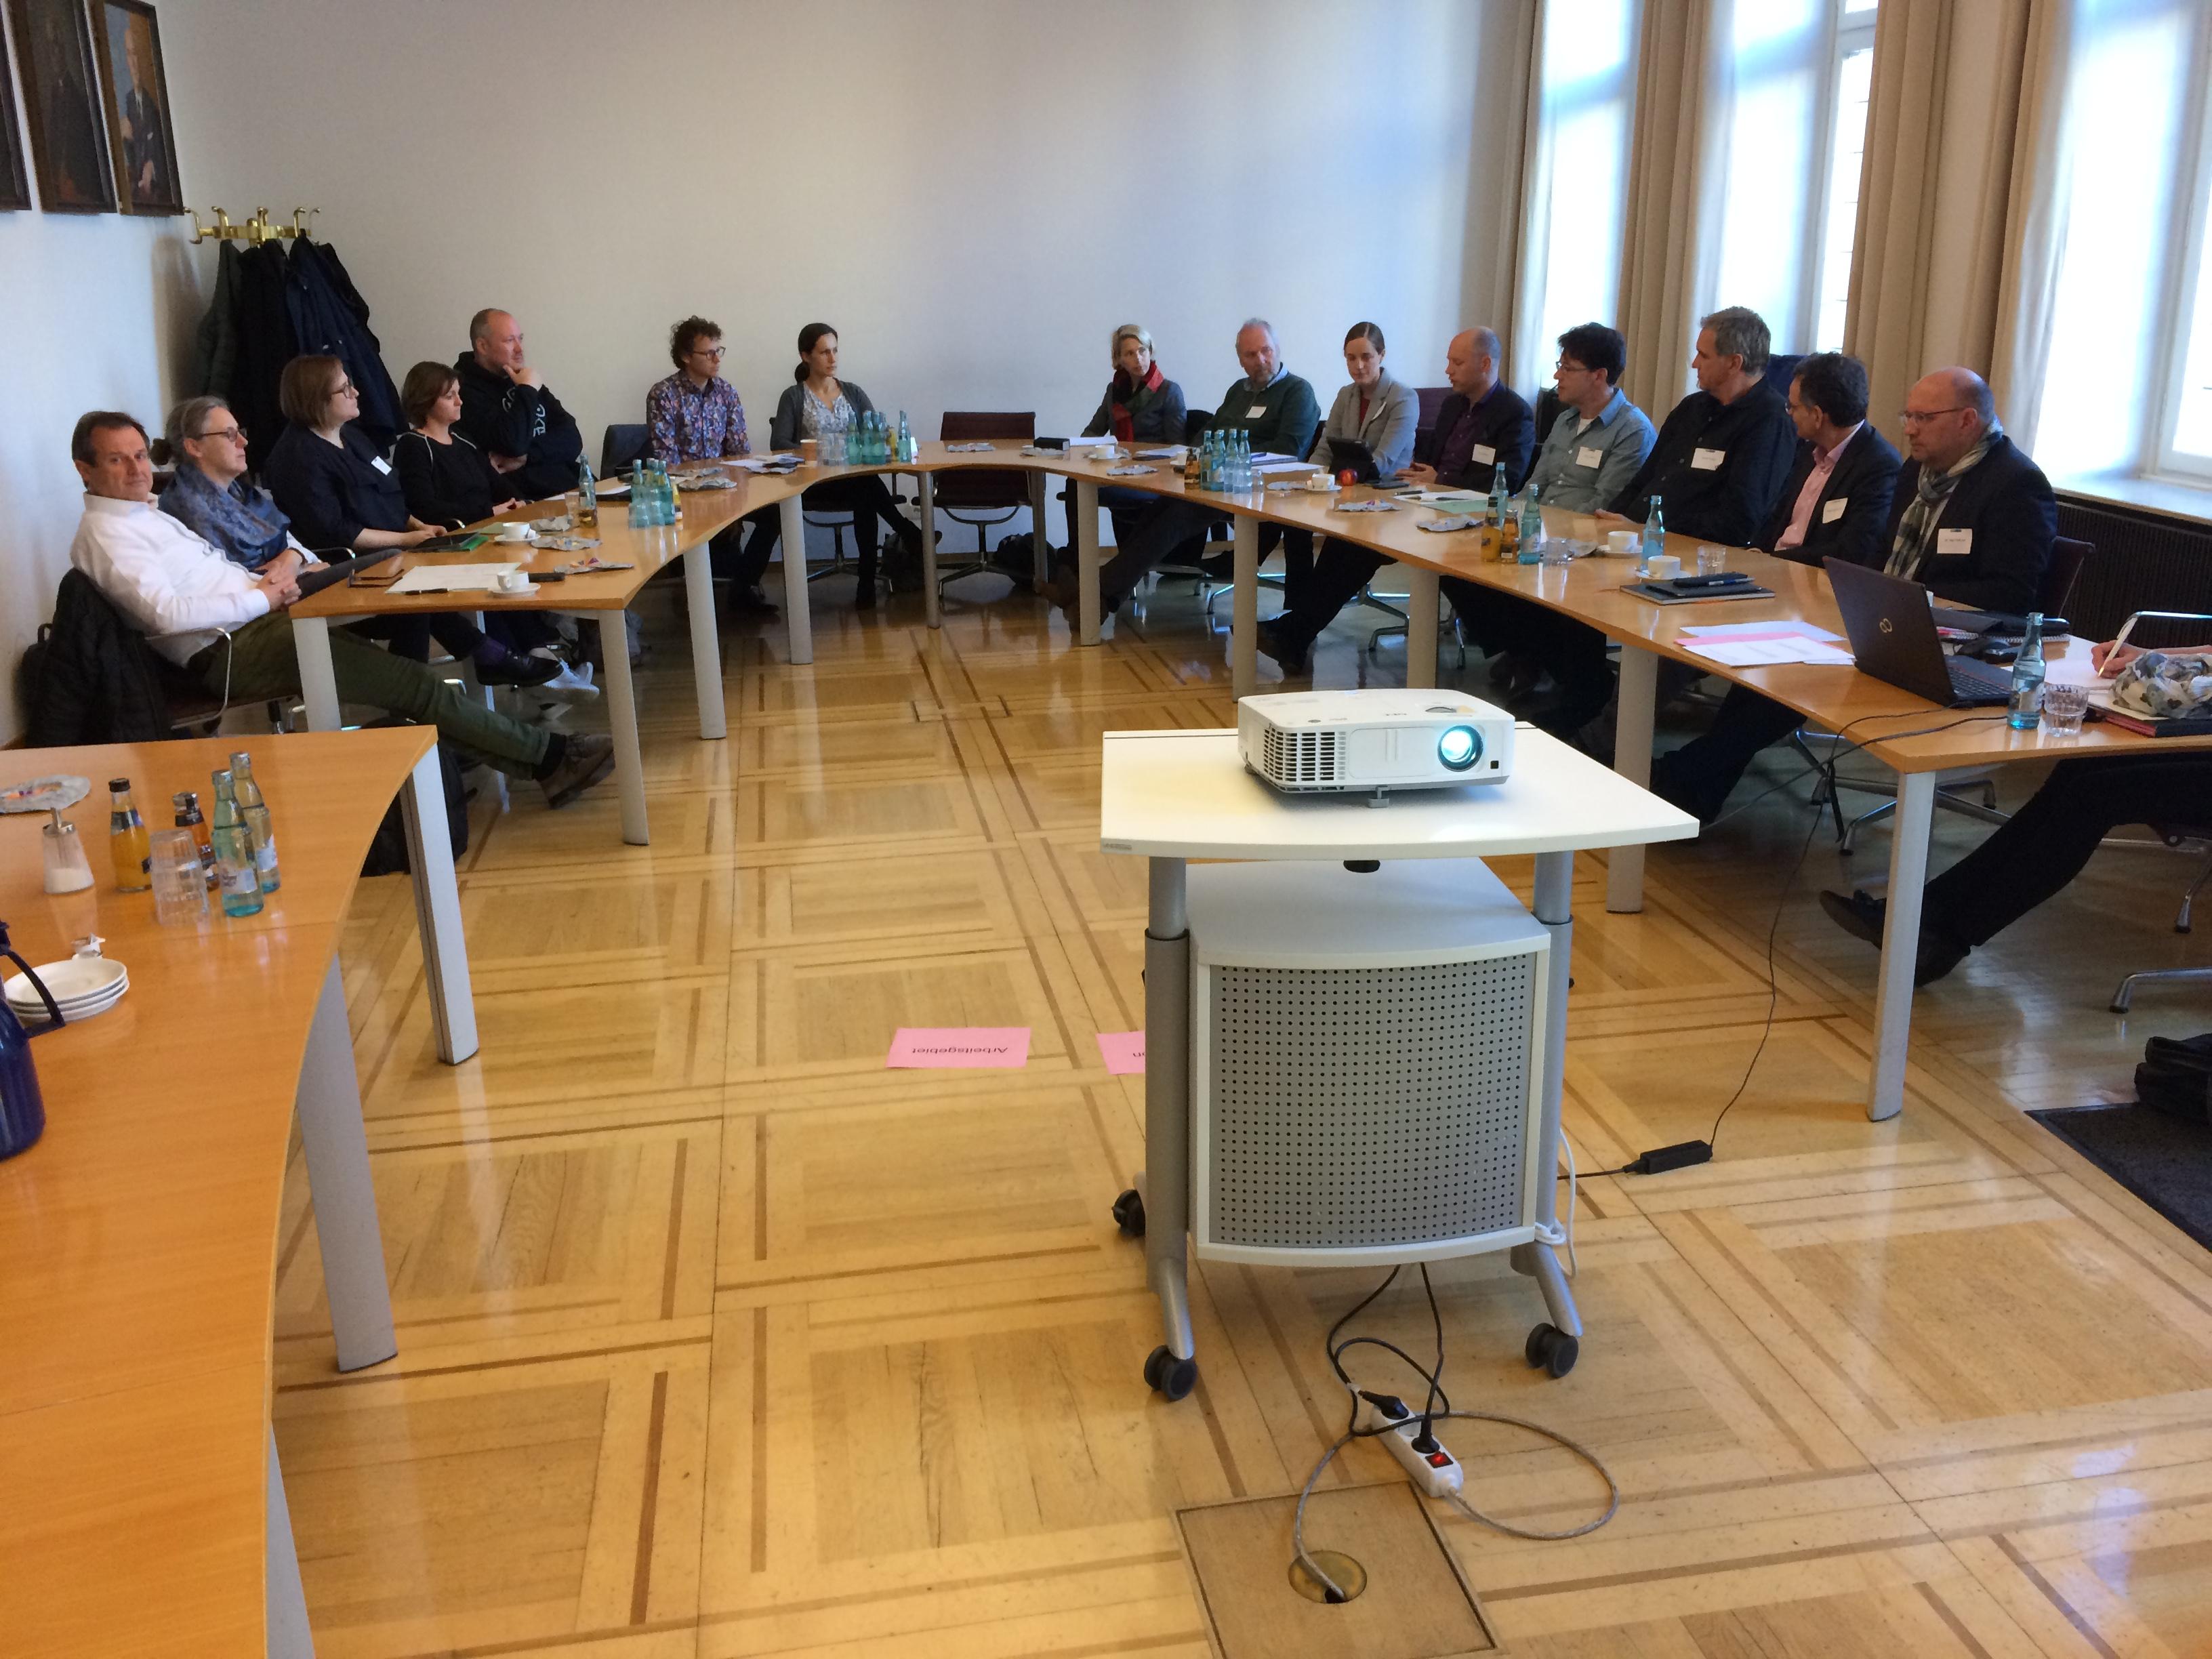 Uitwisselingsproject 'Ken je Buren' met Duitsland krijgt vervolg